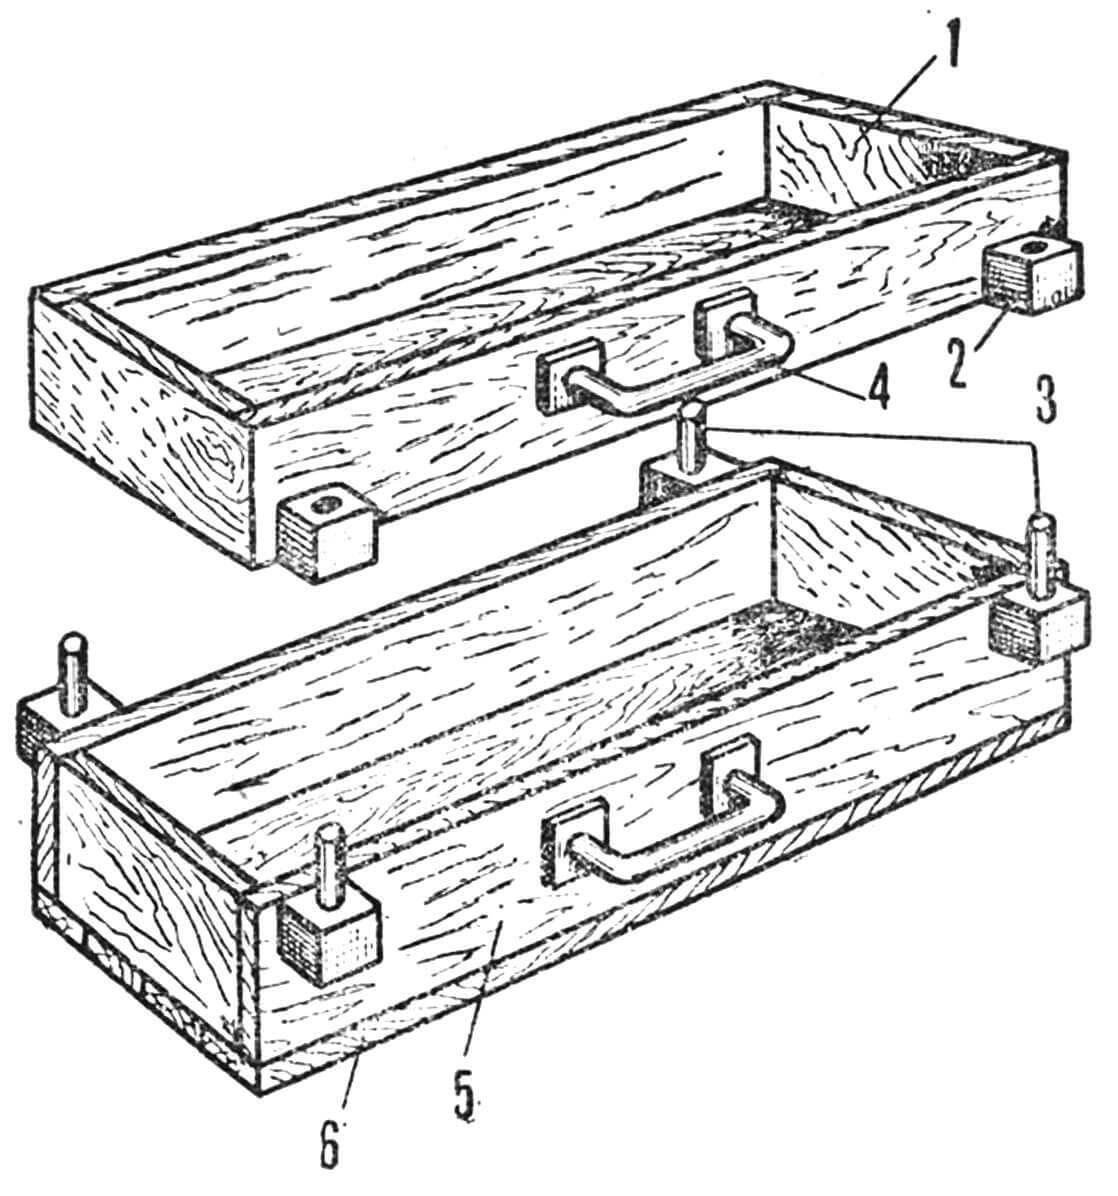 Рис. 2. Опока: 1 — верхняя половина ящика опоки; 2 — гнездо с отверстием под штыри; 3 — направляющие штыри; 4 — ручки; 5— нижняя половина ящика опоки; 6 — днище.